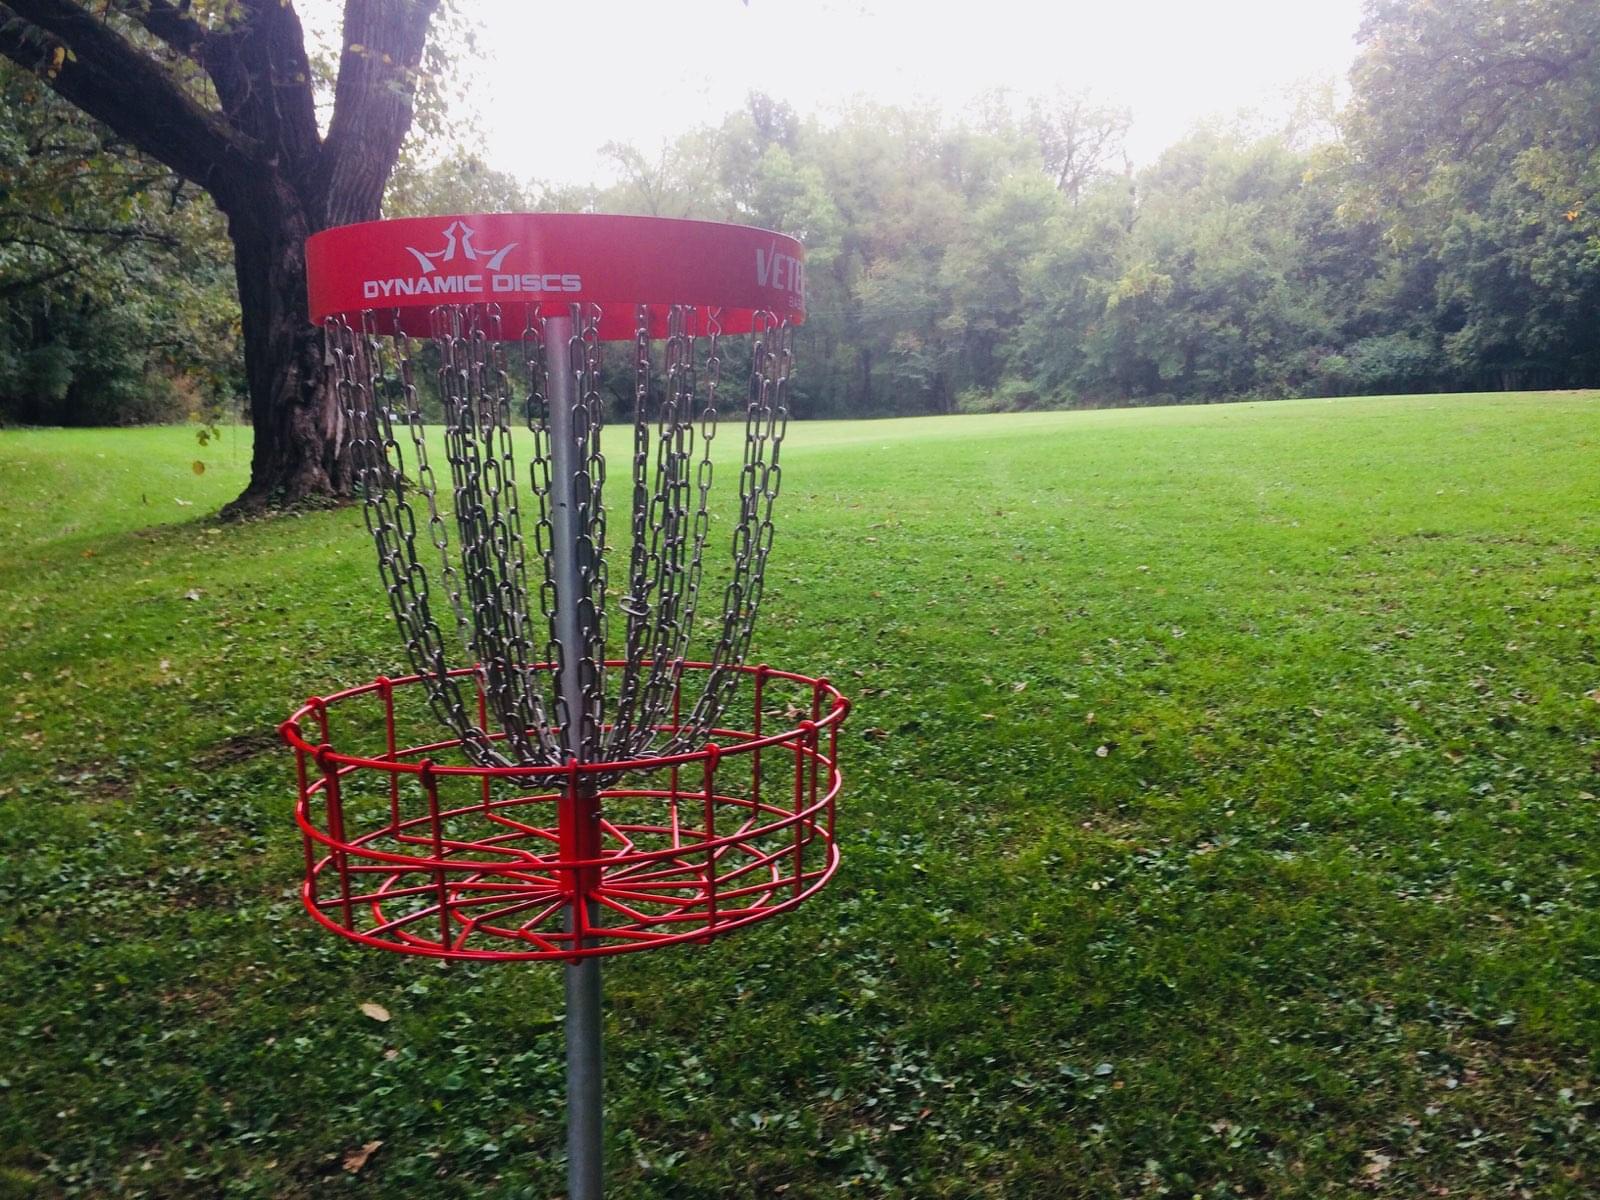 Dixon Park Disk Golf